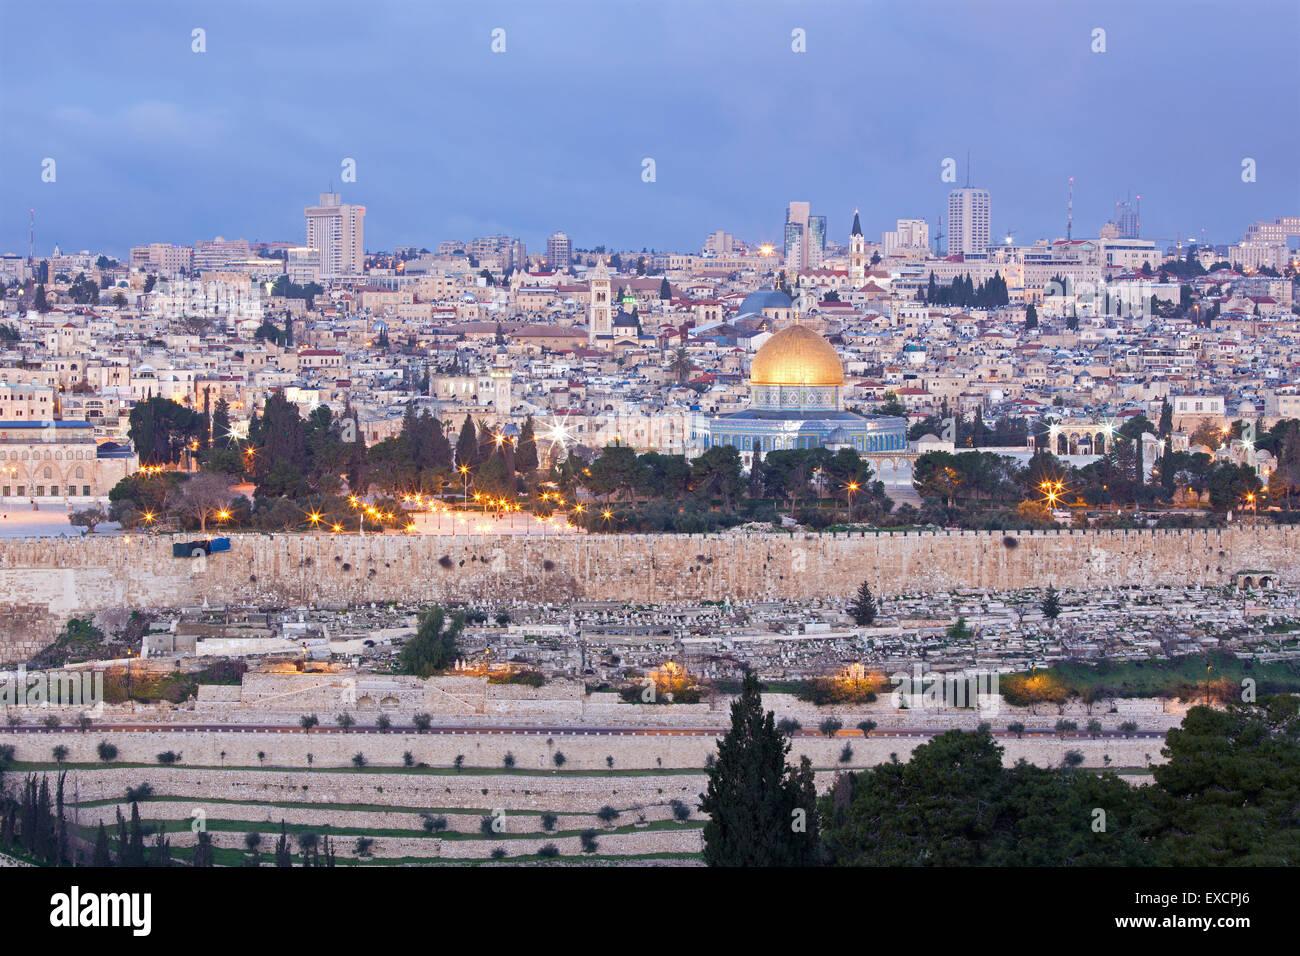 Jérusalem - Outlook à partir de la montagne des Oliviers pour vieille ville au crépuscule Photo Stock